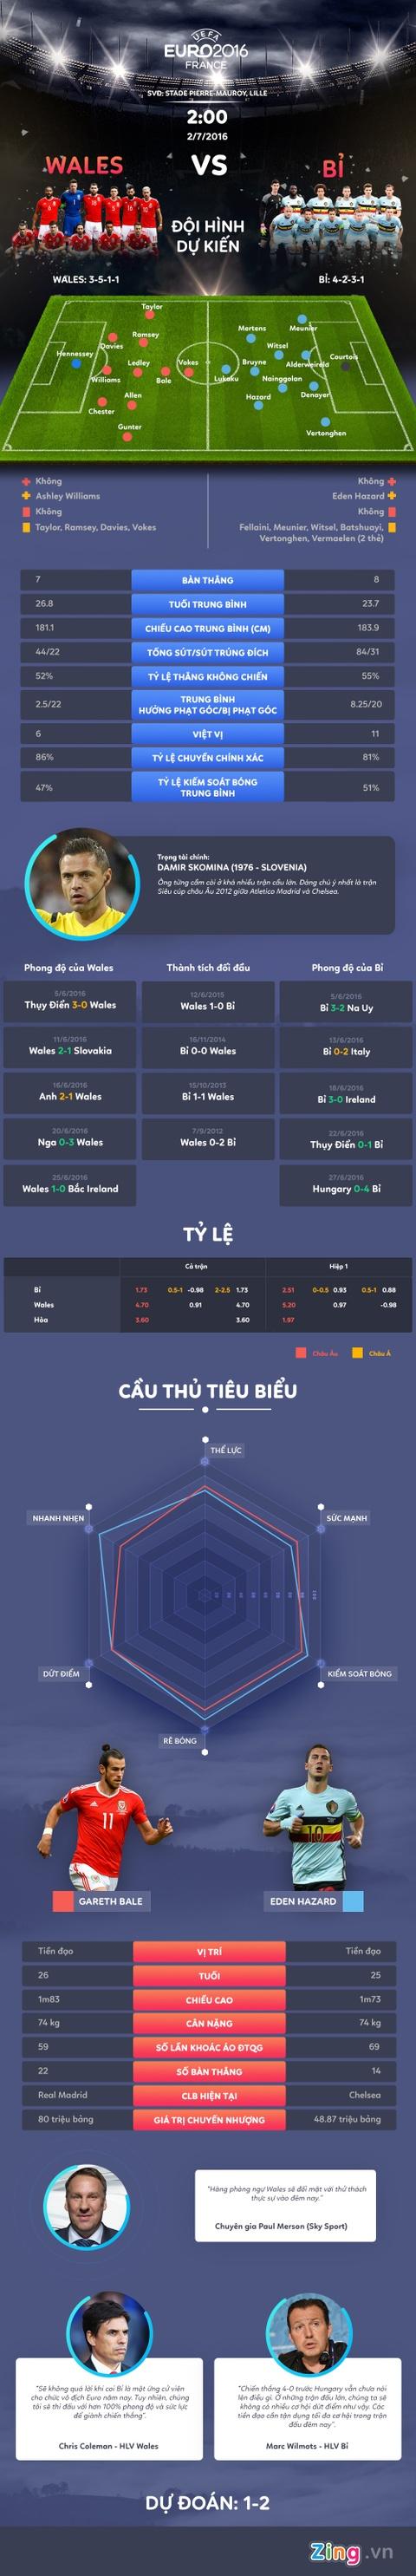 Xu Wales vs Bi: Dai chien Rong - Quy hinh anh 1